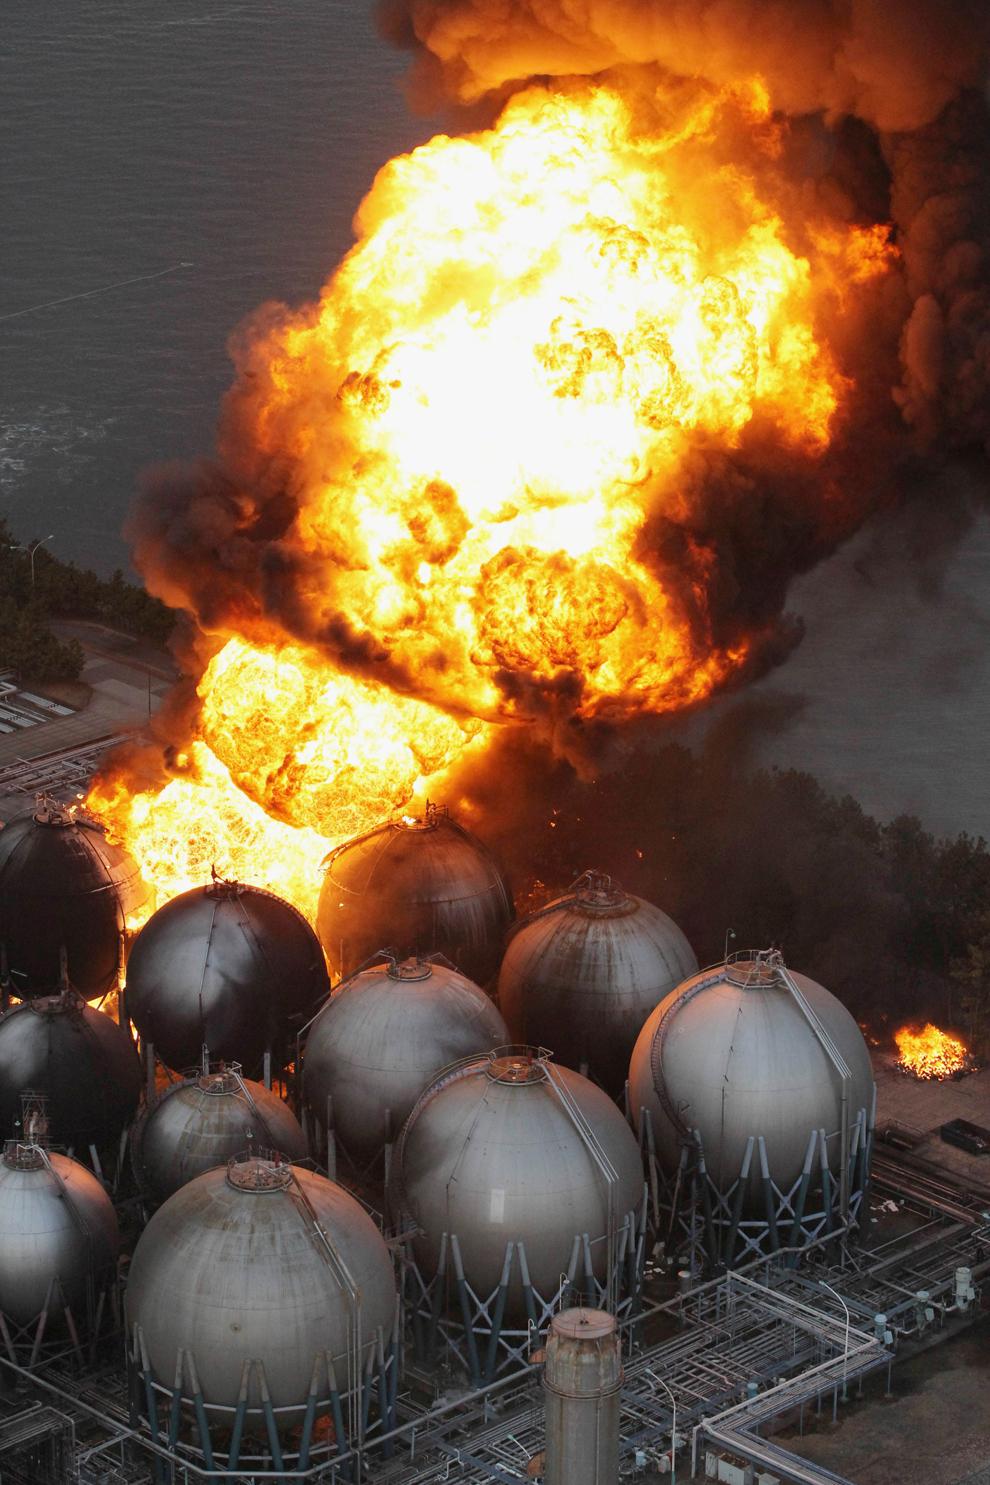 terremoto japon 8.9 2011 explosiones refineria petroleo Ichihara Chiba